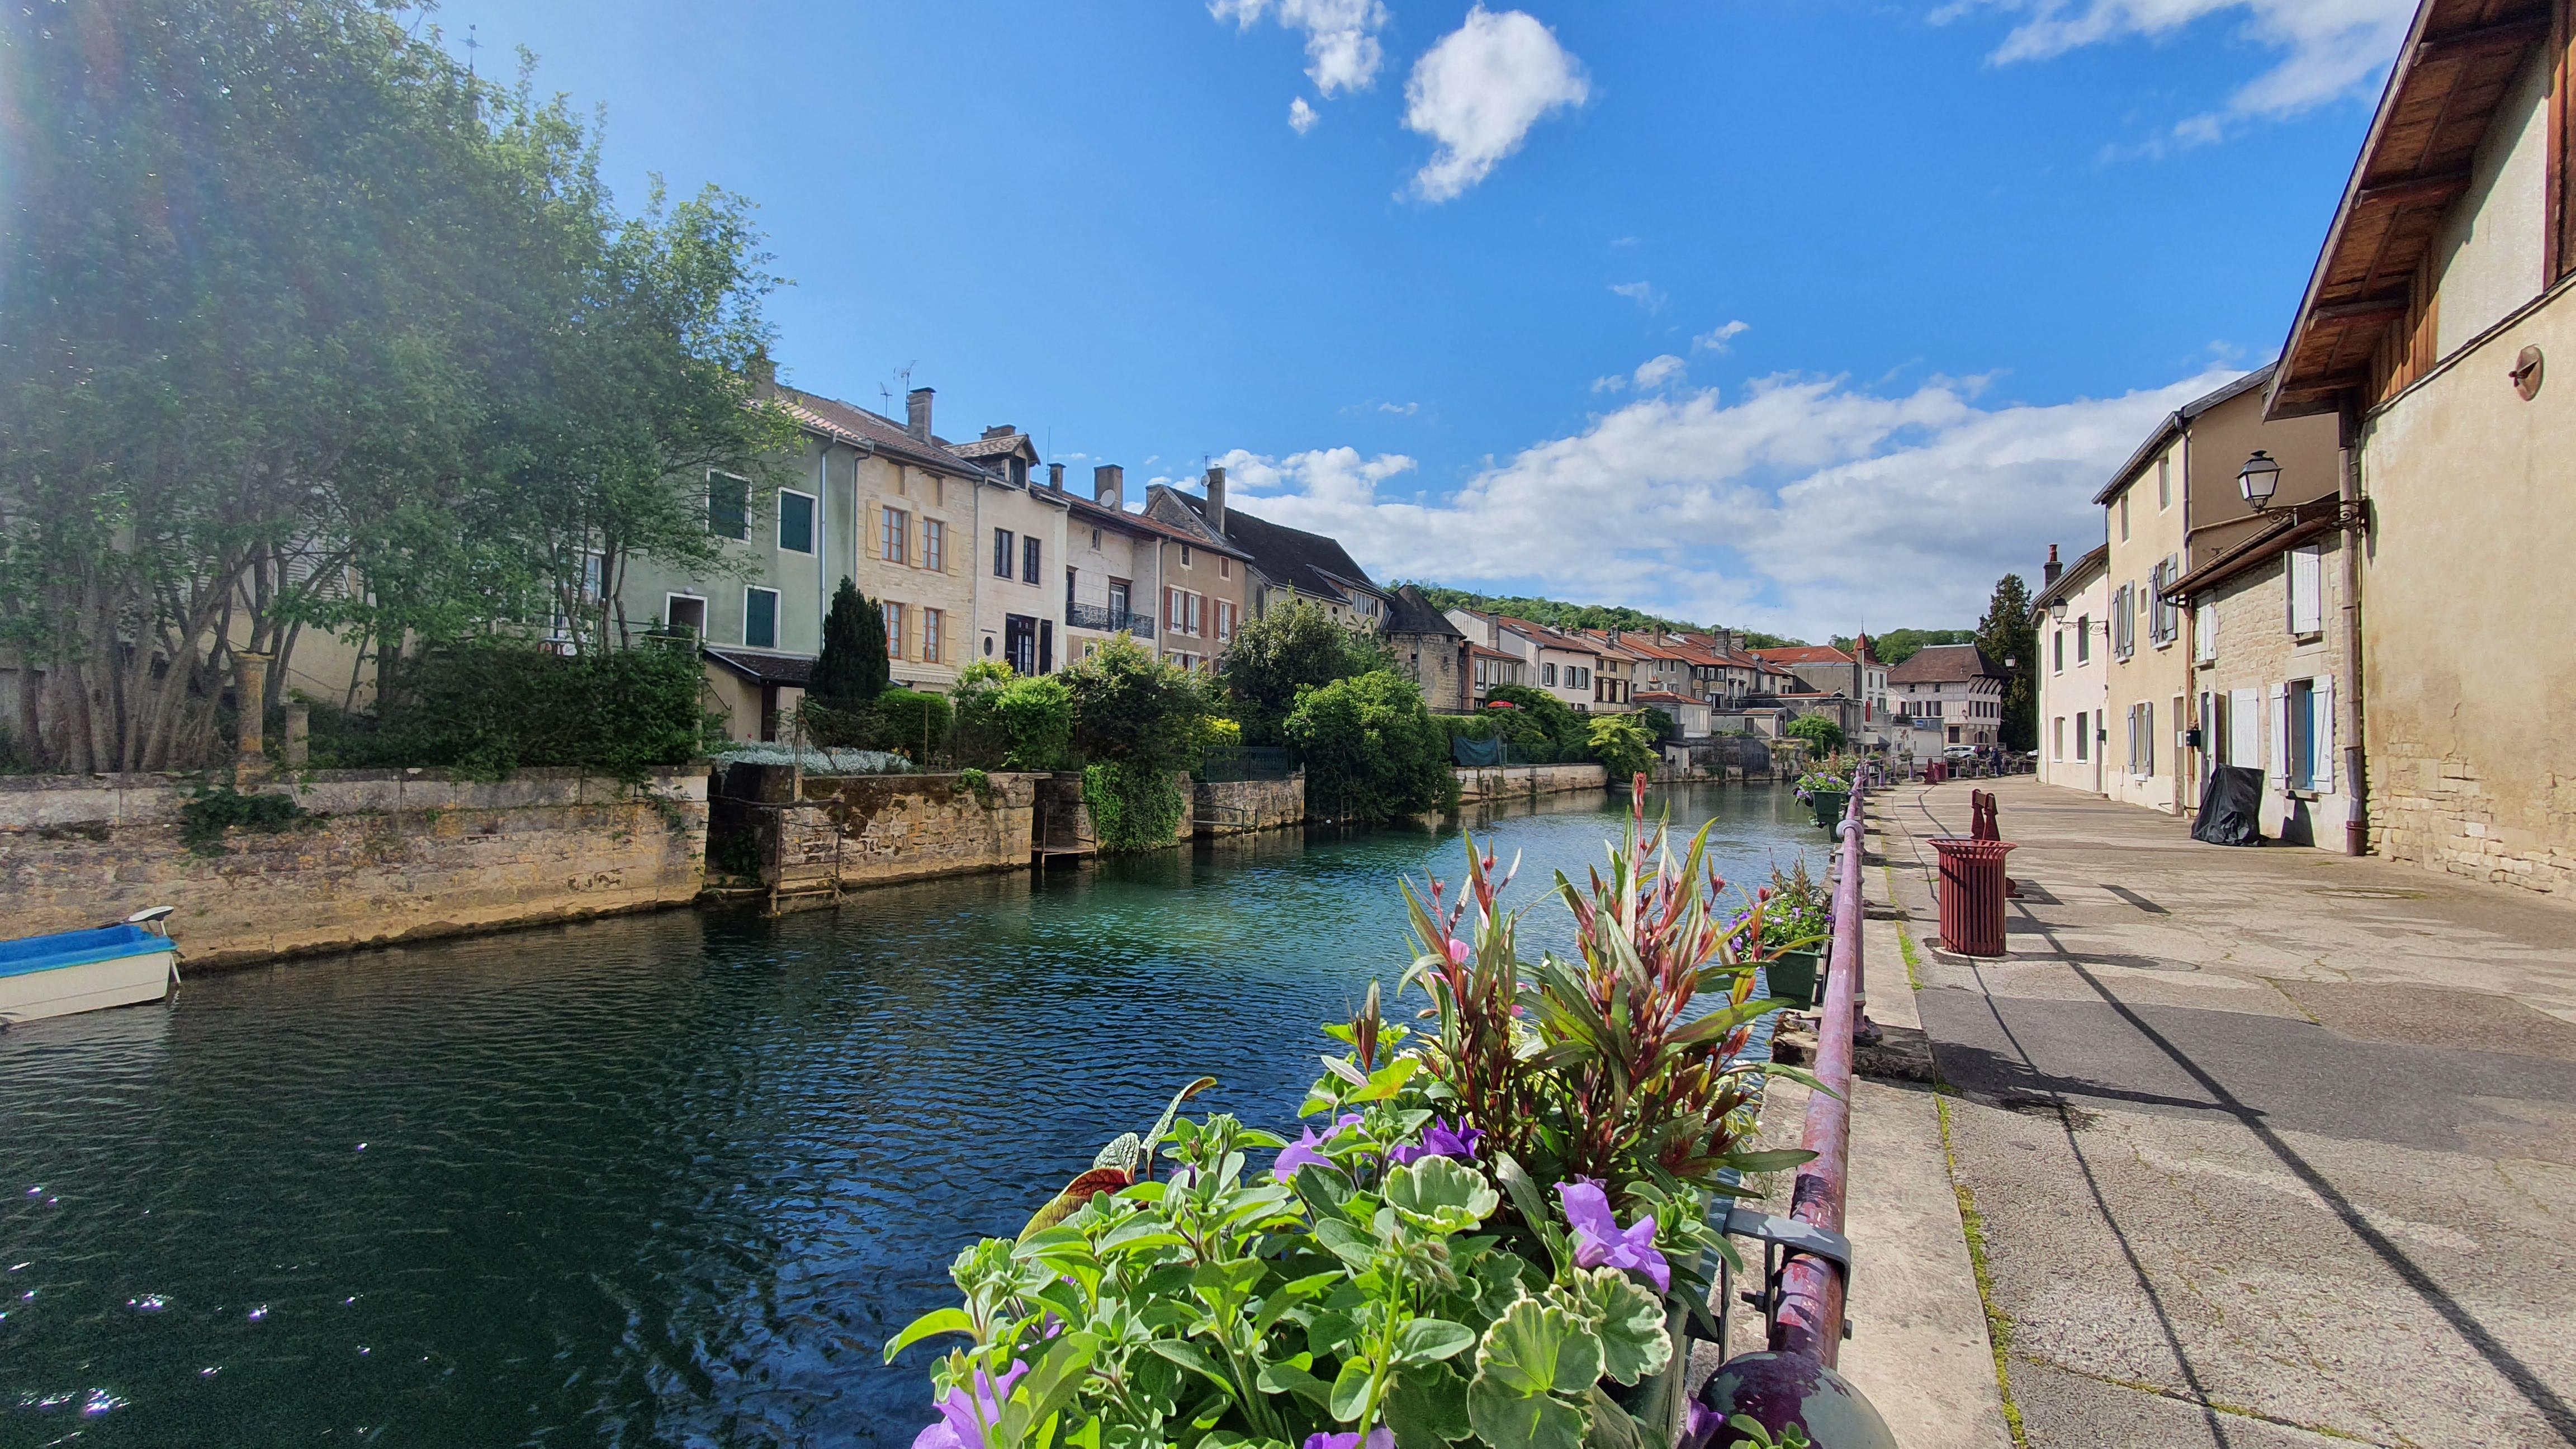 Seitenarm der Marne in Joinville mit Häusern und Promenade